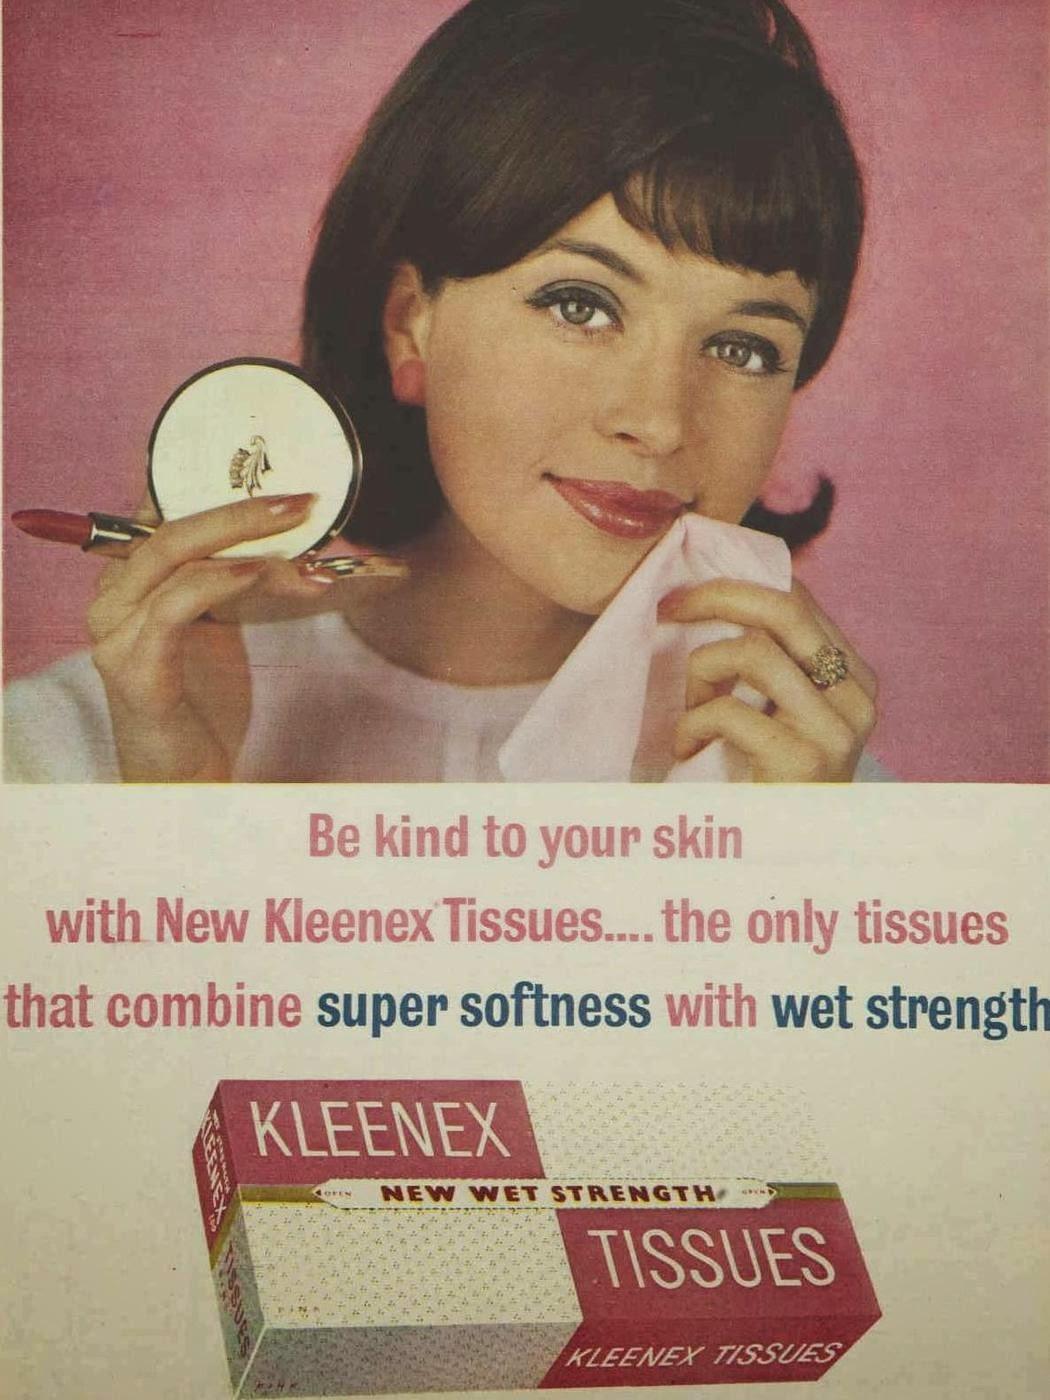 vintage kleenex ad, 1960s